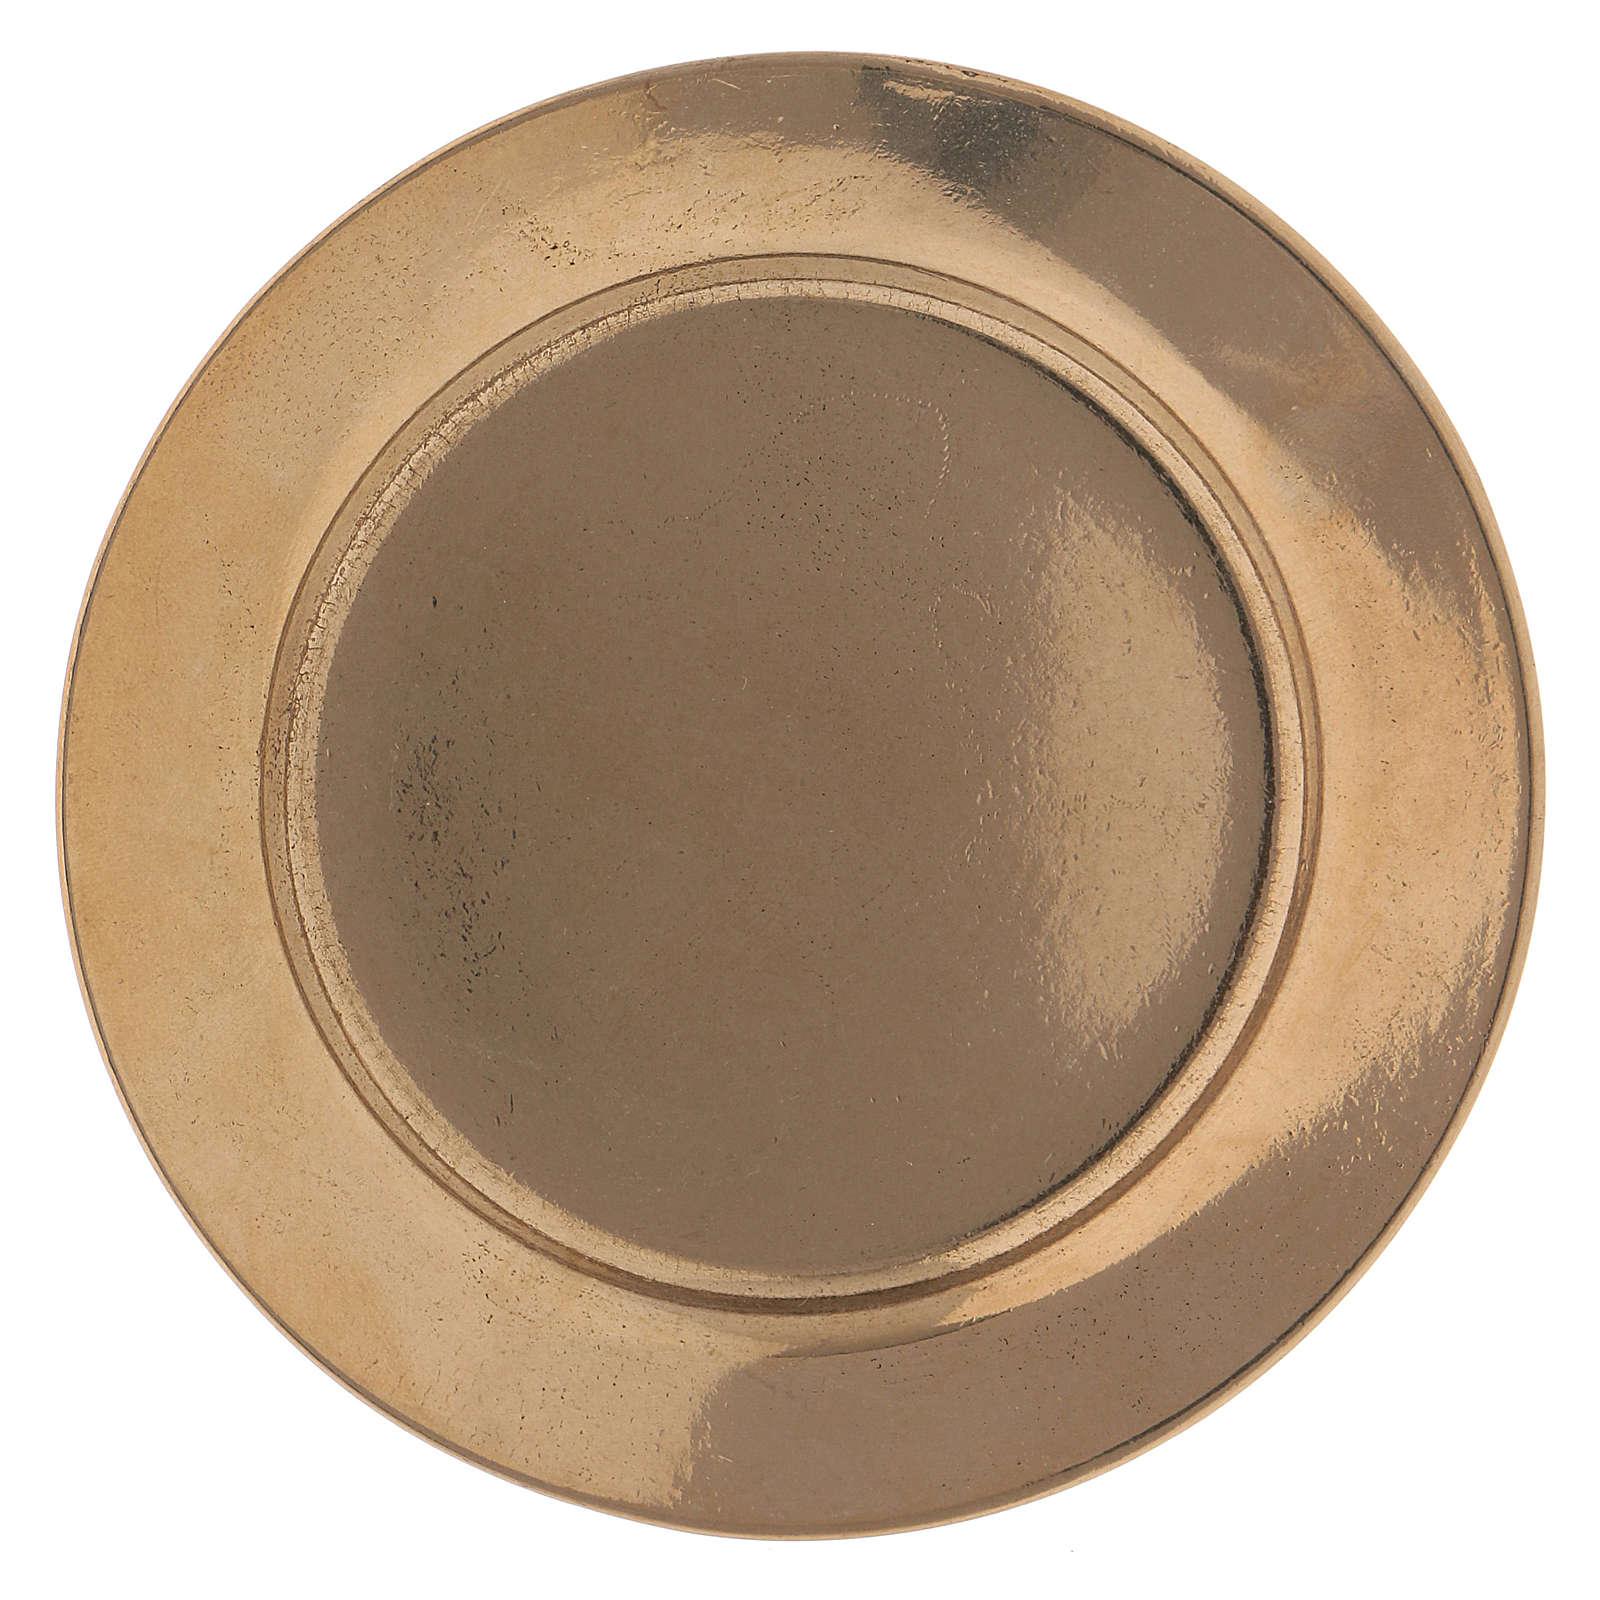 Piattino portacandela semplice 7 cm ottone dorato 3